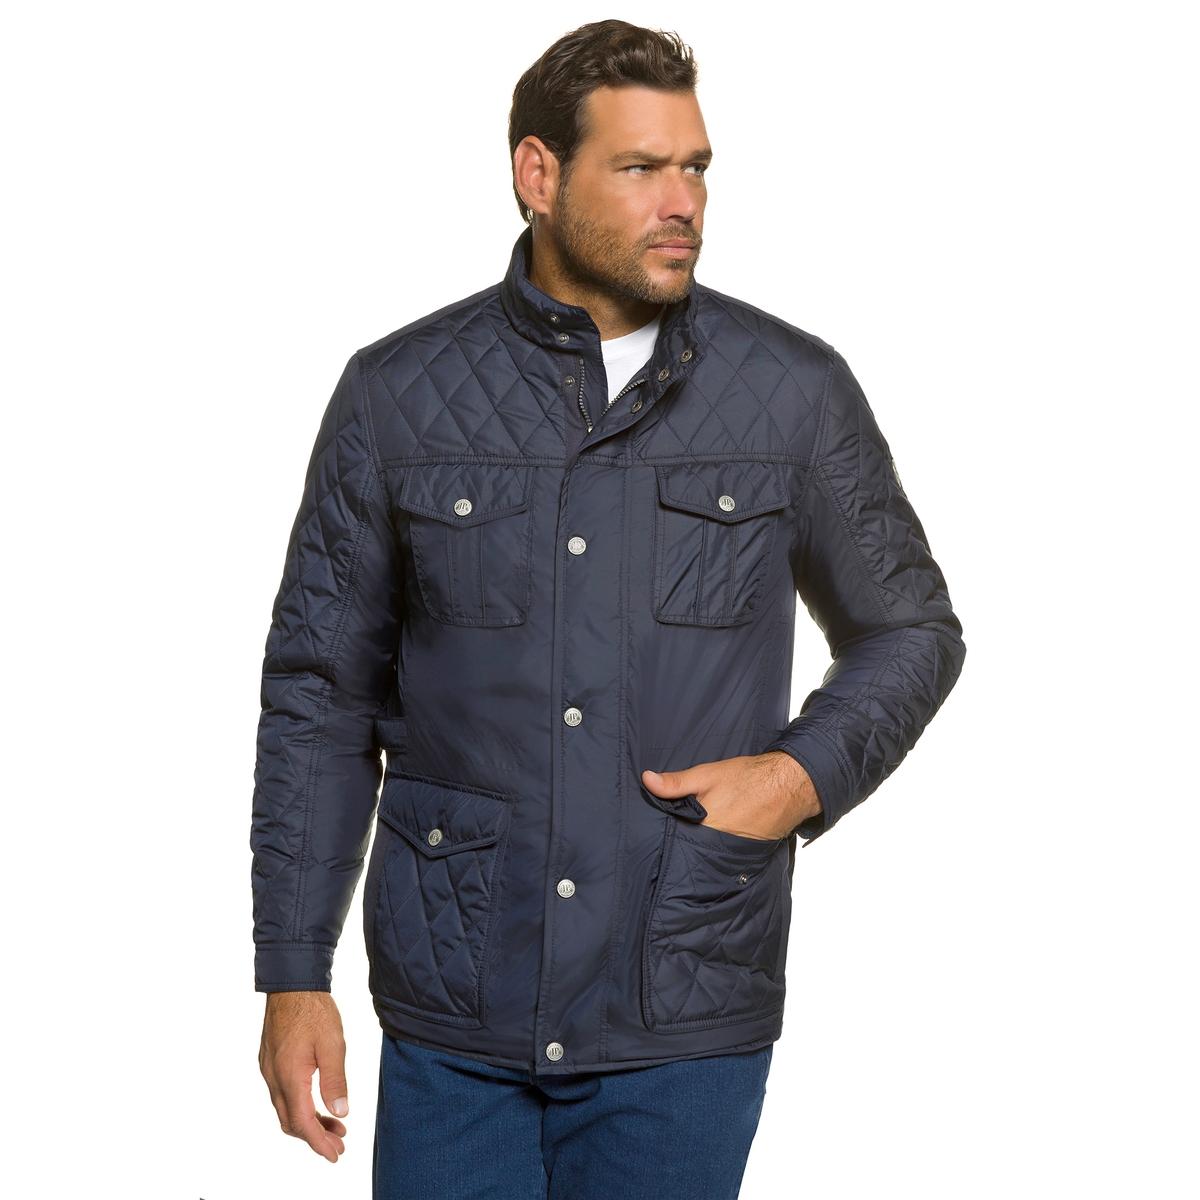 Куртка стеганаяПрямой покрой, на завязках, скрытая молния, 4 кармана. Планки застежки по бокам на поясе, манжеты с застежкой на кнопки. Стеганая подкладка контрастного цвета, кармана на молнии. Длина в зависимости от размера 78-87,5 см.<br><br>Цвет: темно-синий<br>Размер: 6XL